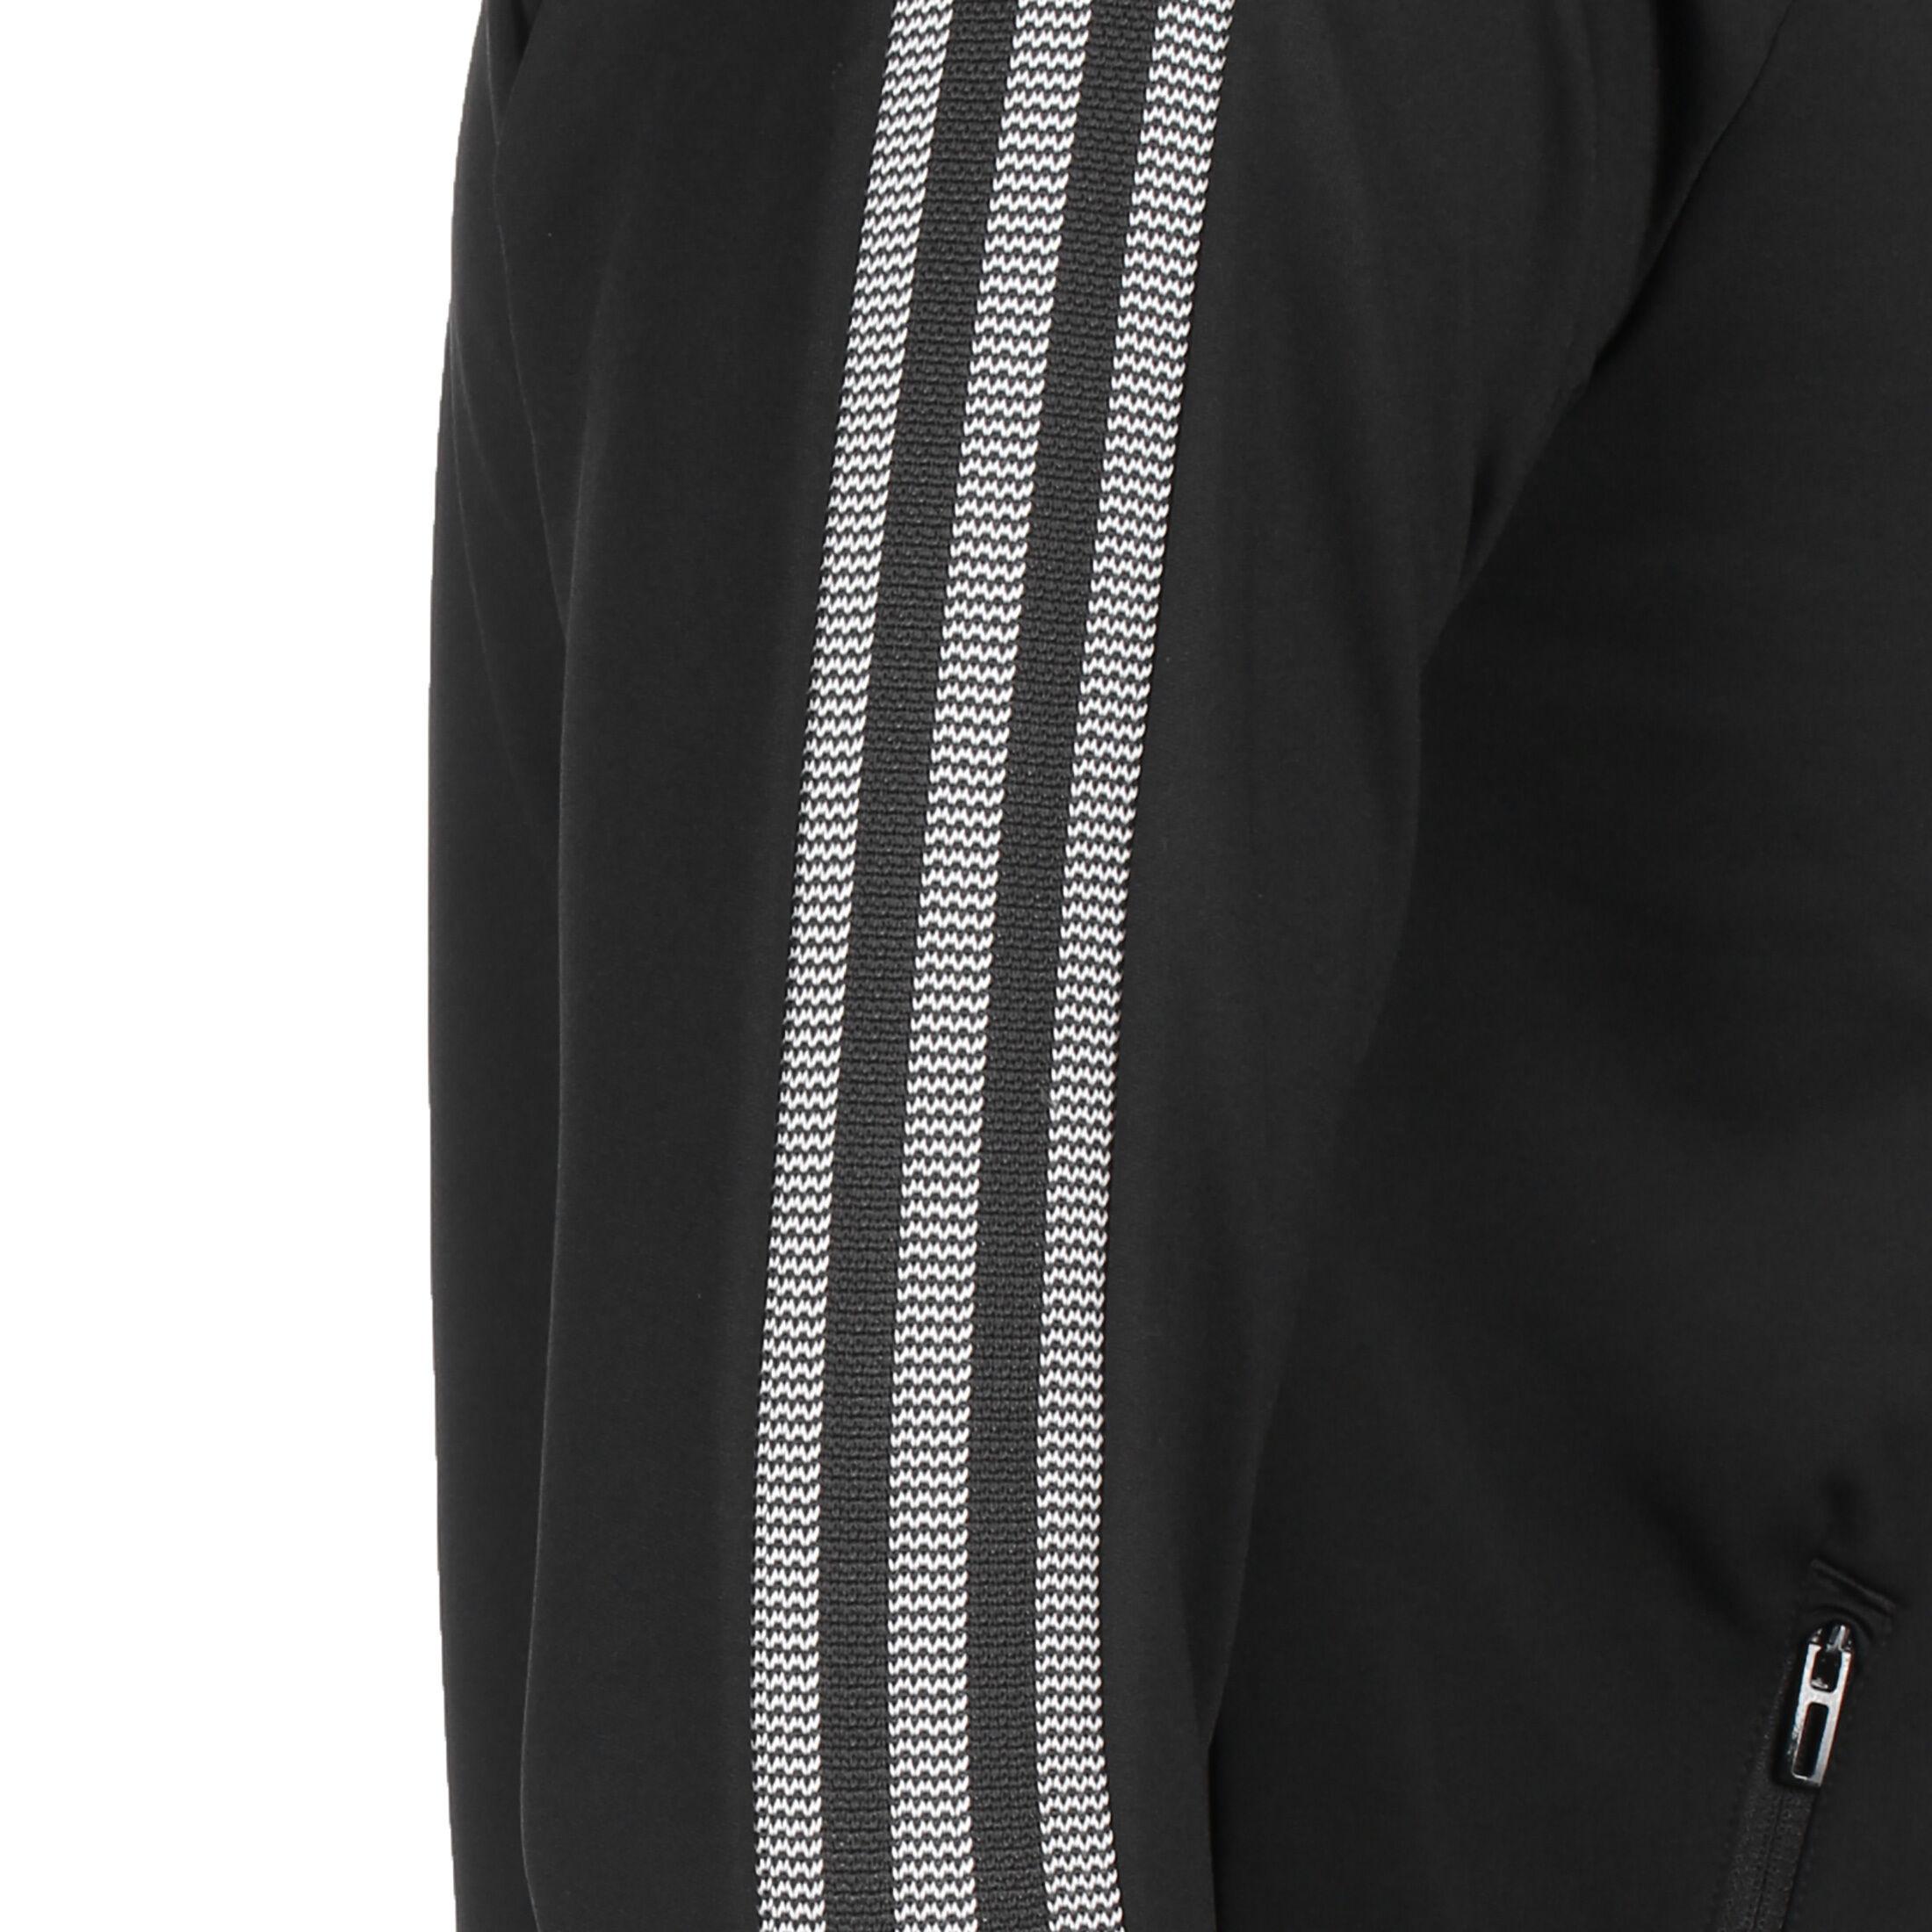 dfb adidas 3 stteifen jacke